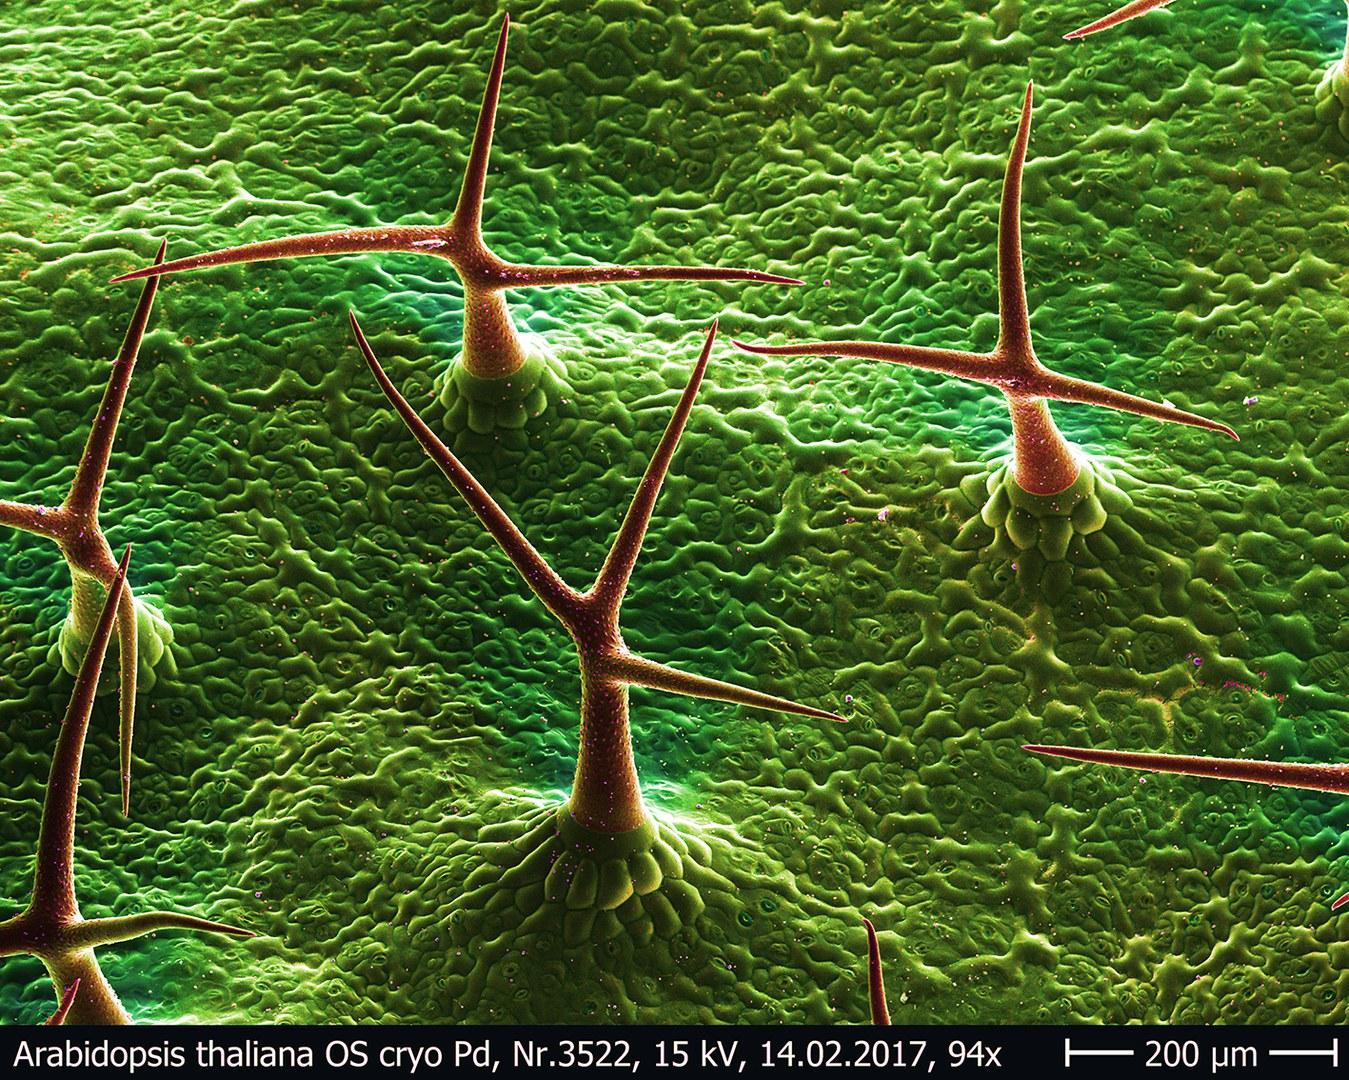 Several hairs of thal cress (Arabidopsis thaliana)